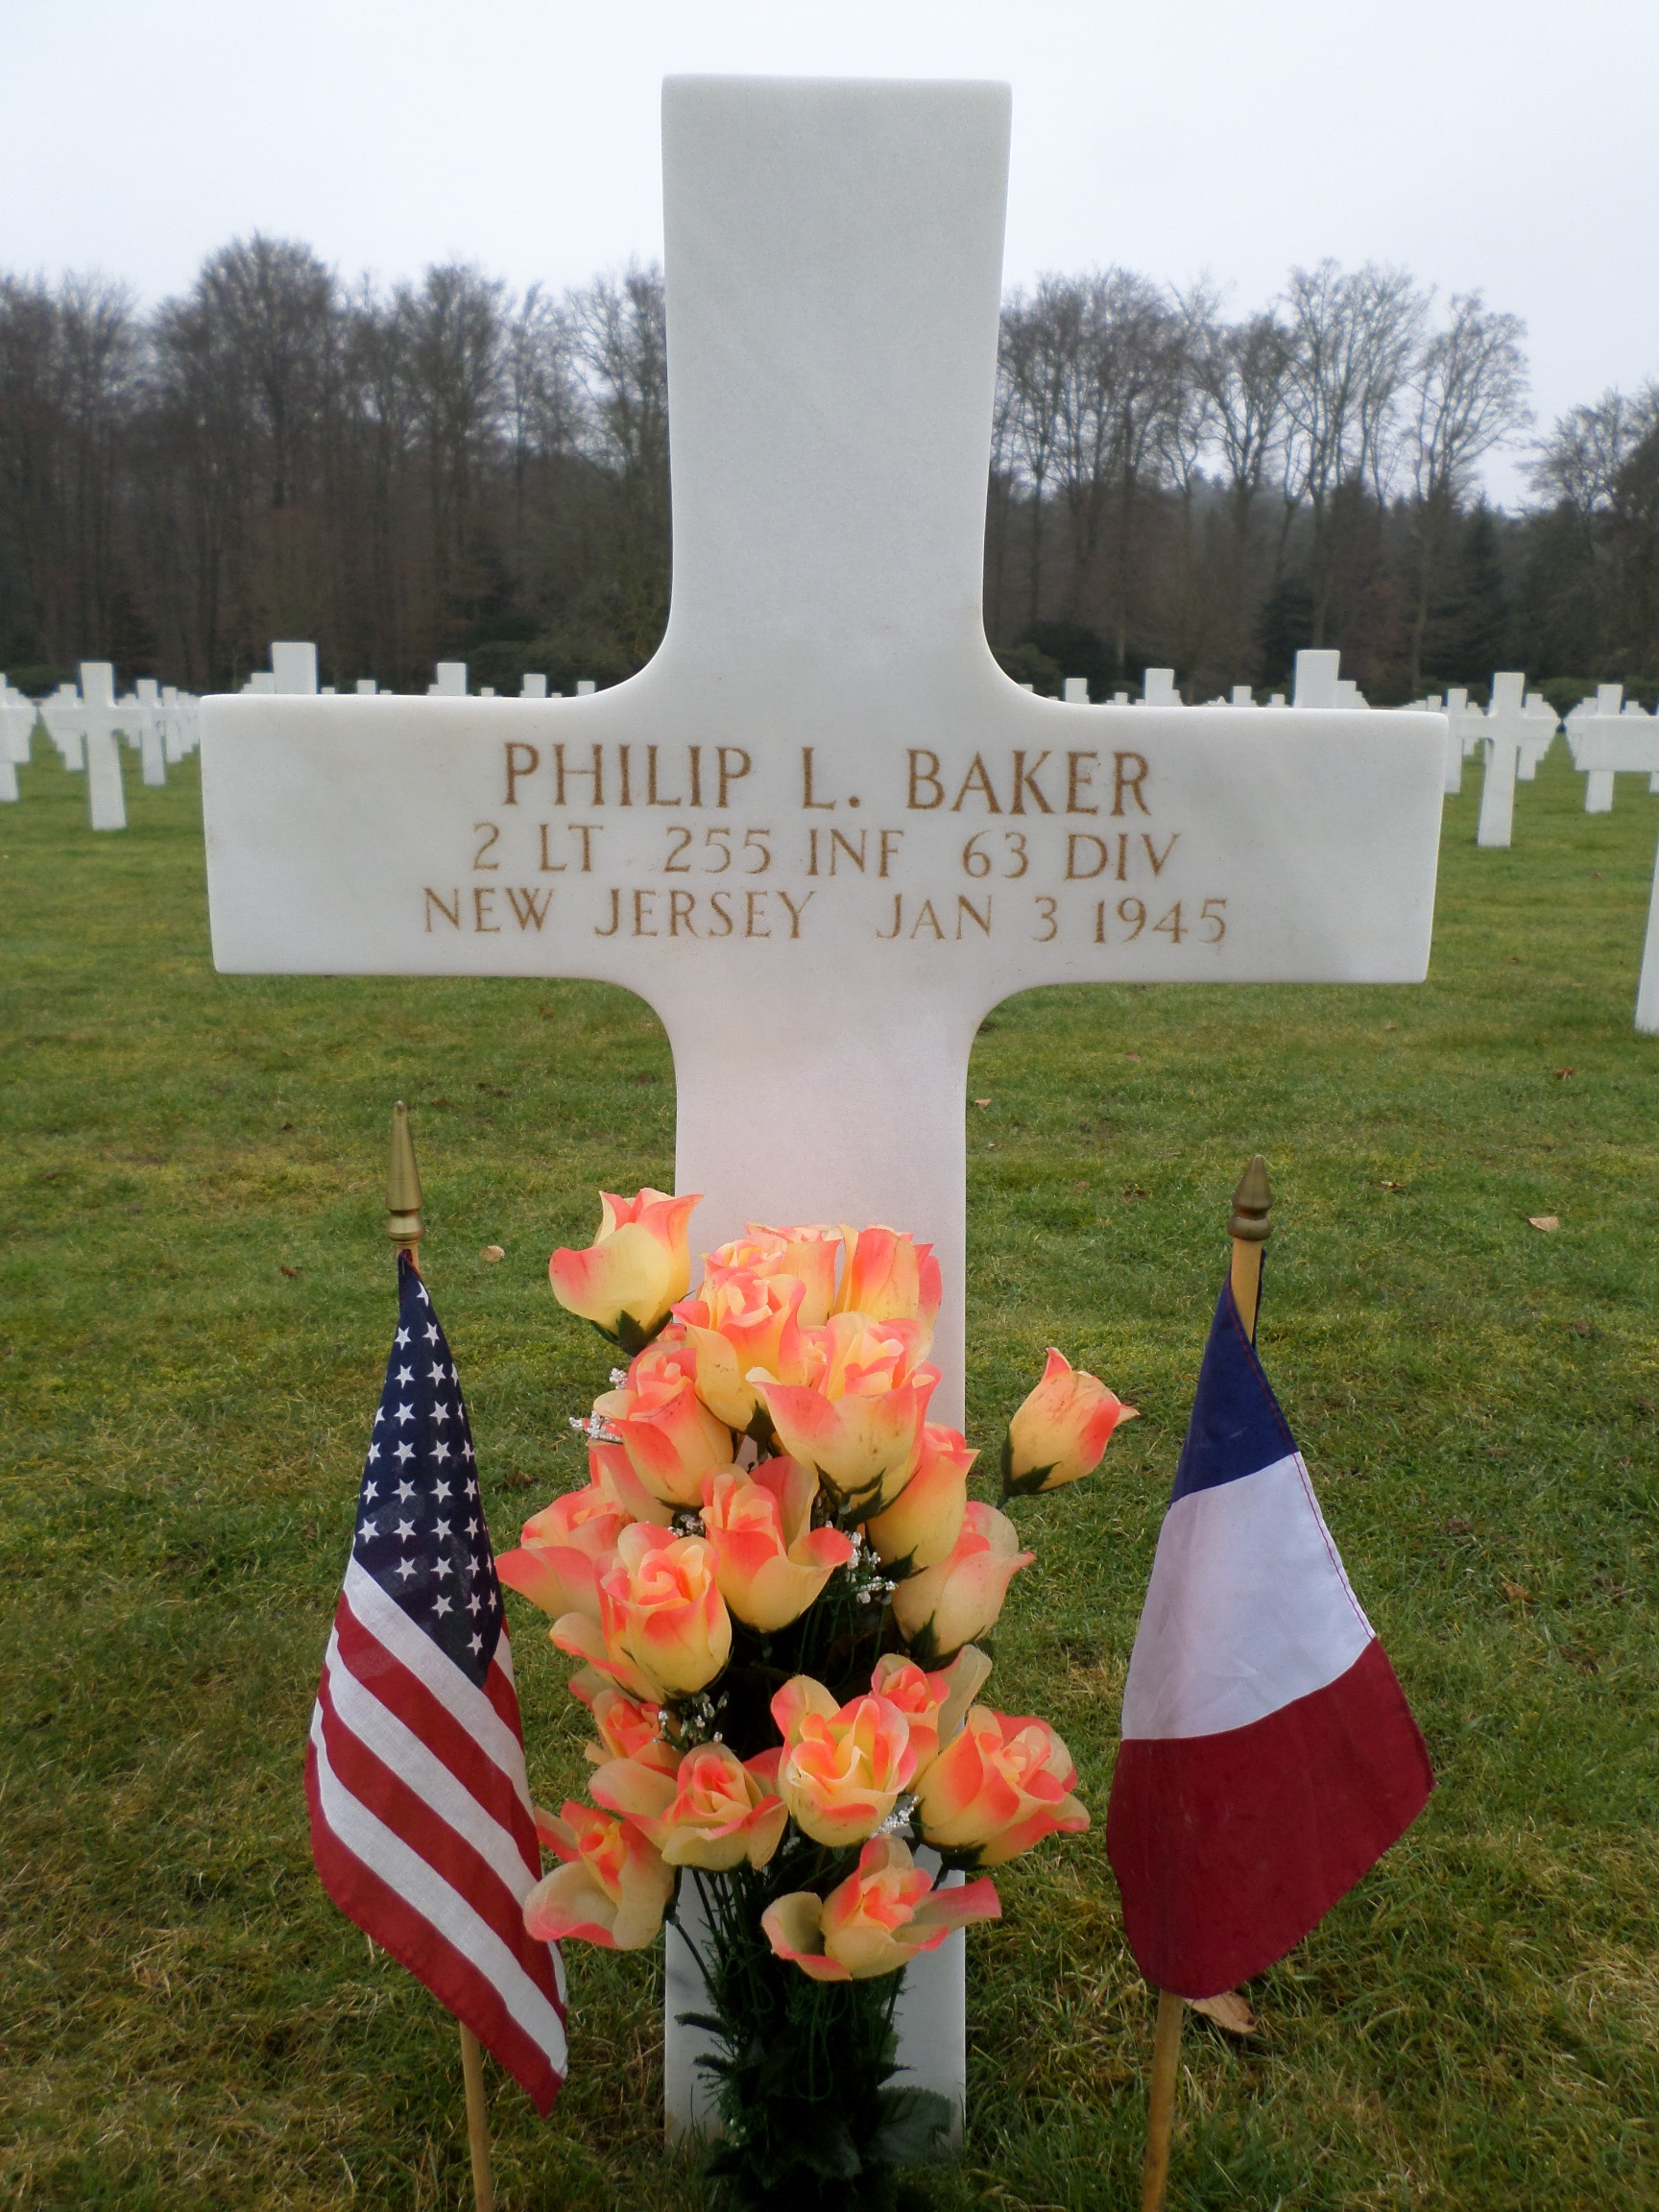 2Lt Philip L. Baker